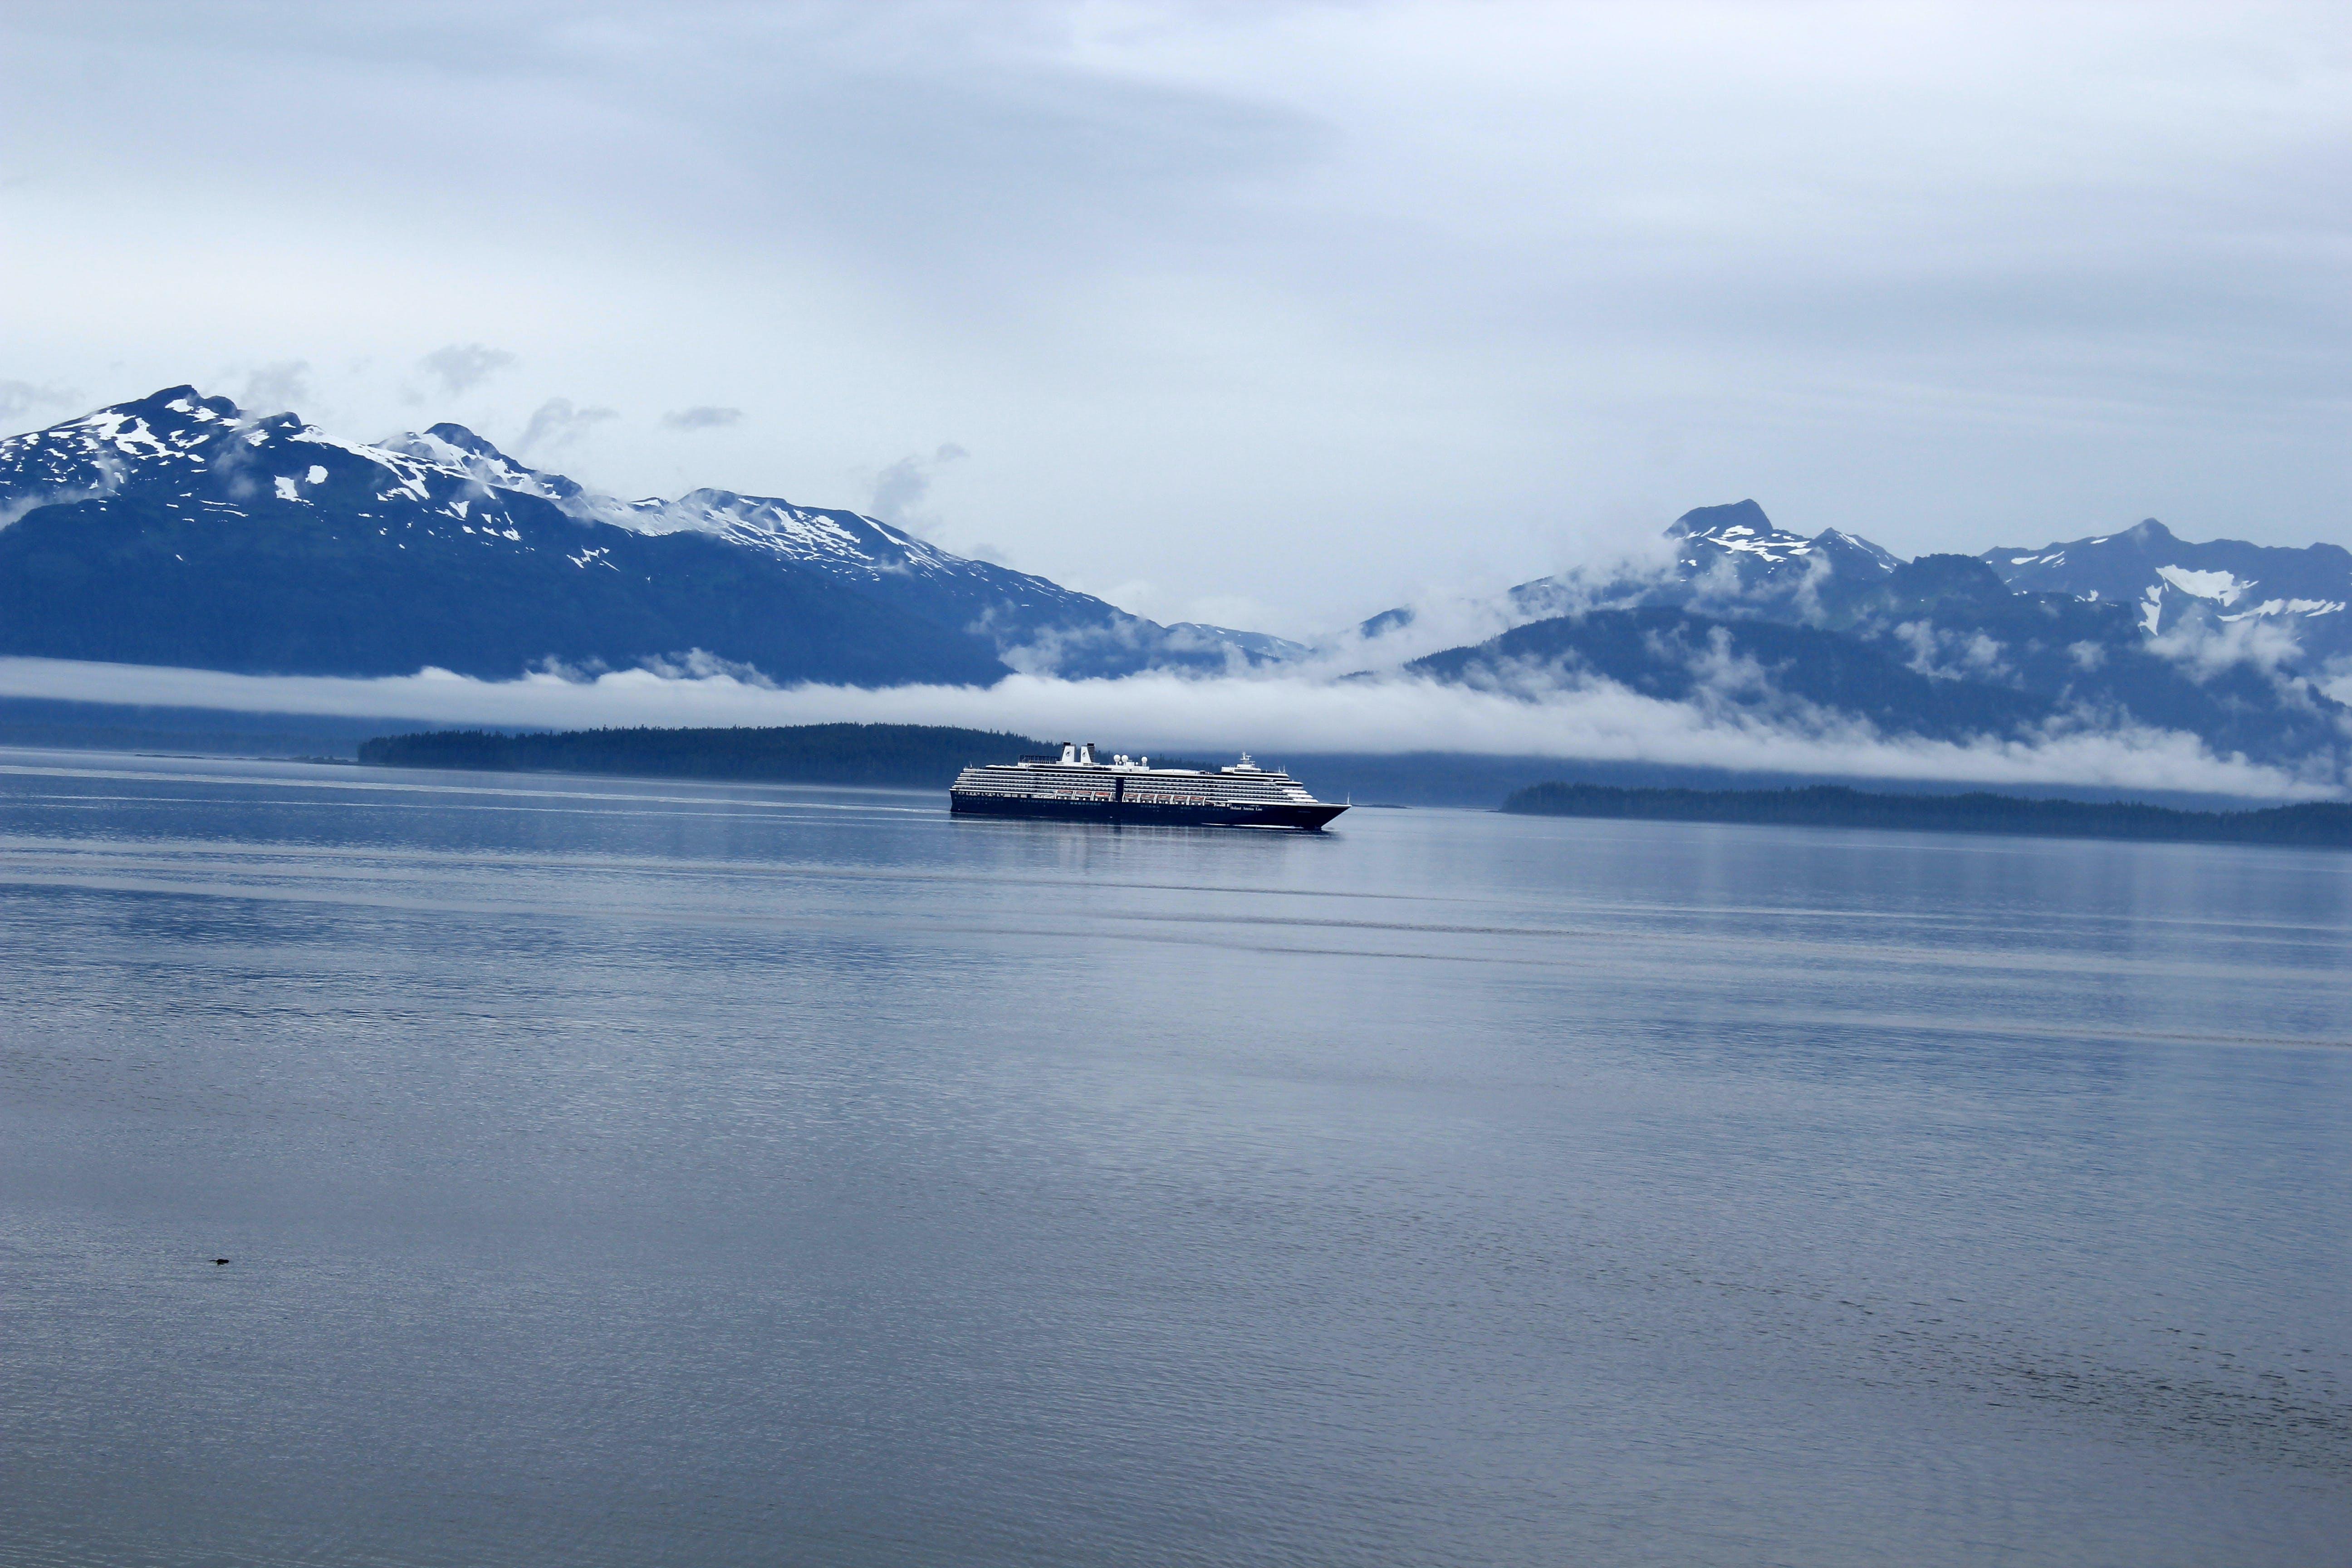 Free stock photo of mountains, sea, ship